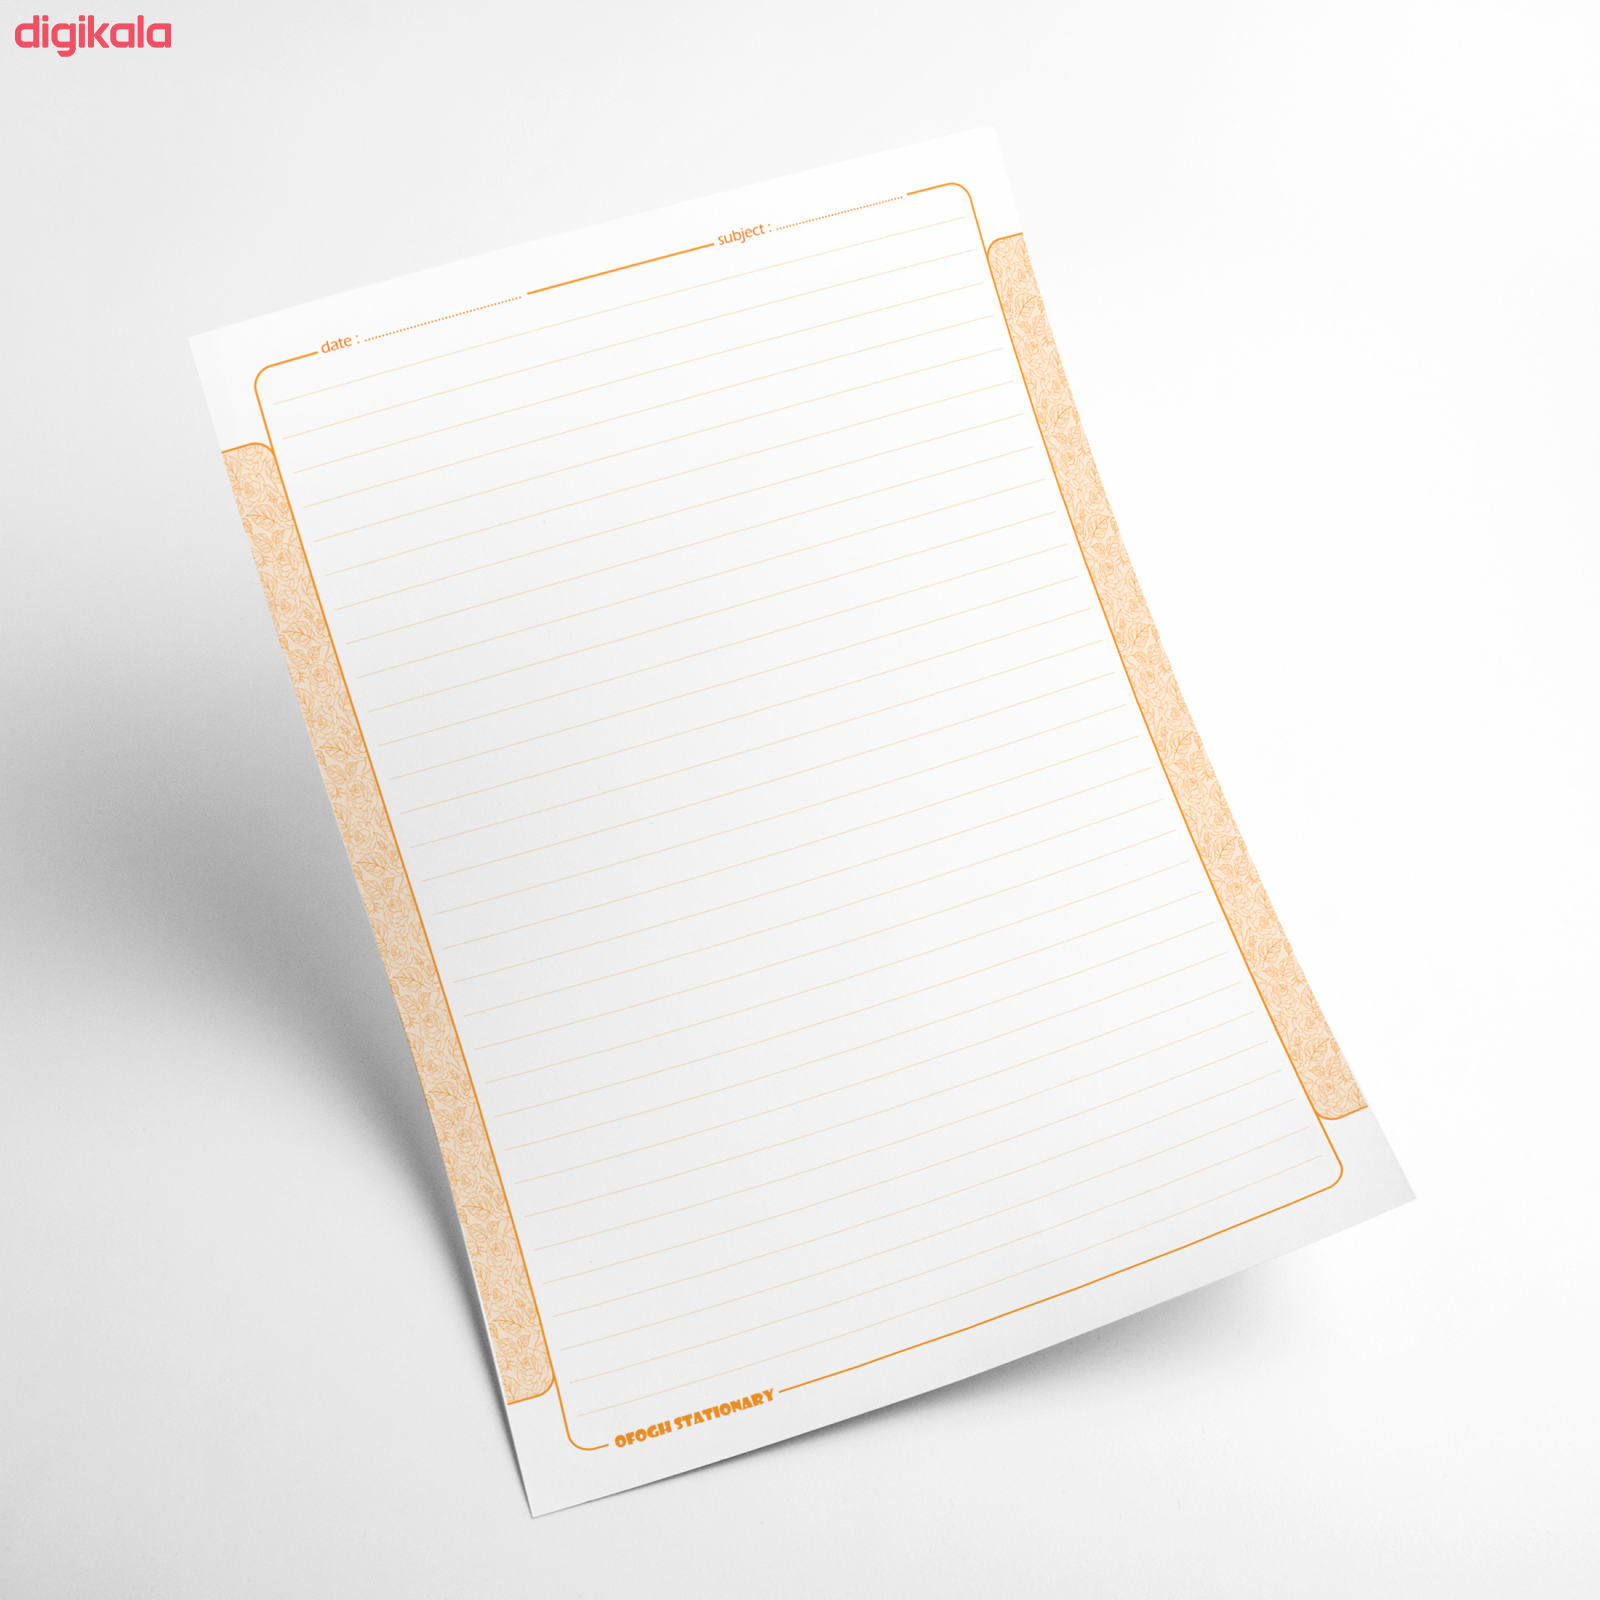 کاغذ A4 افق مدل چهار فصل بسته 100 عددی main 1 4